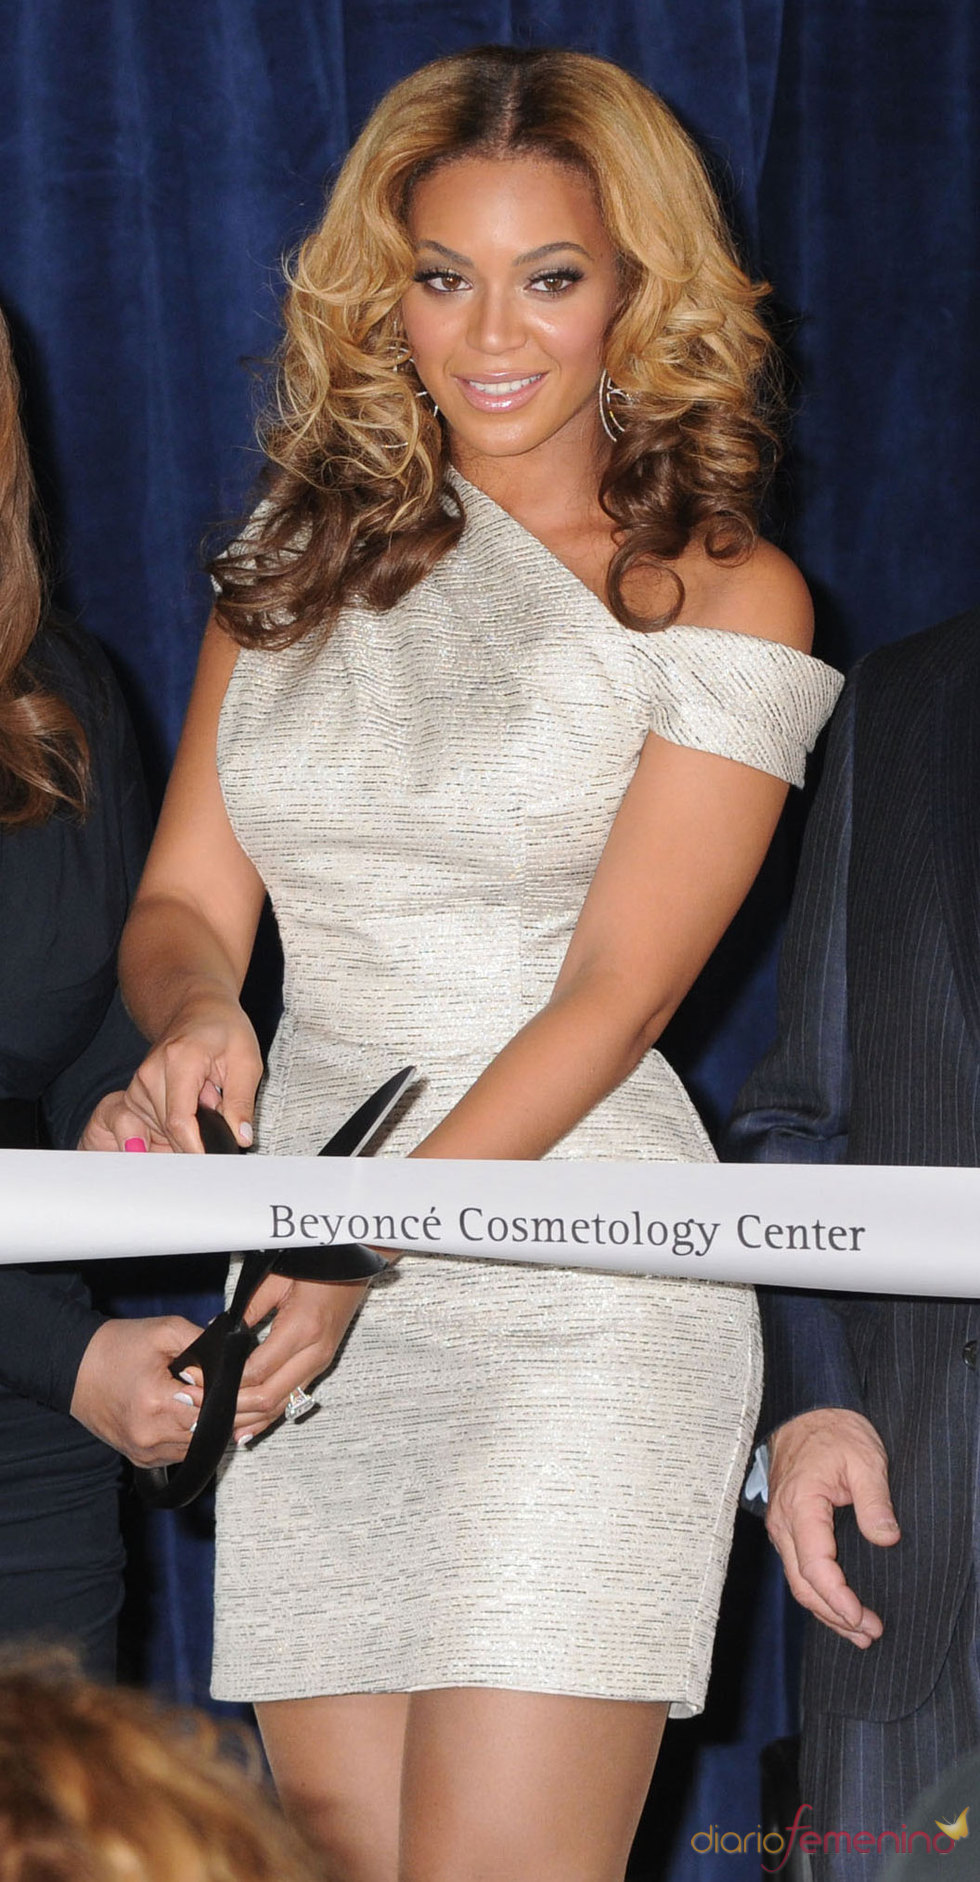 La cantante Beyoncé inaugura un centro de estética en Nueva York